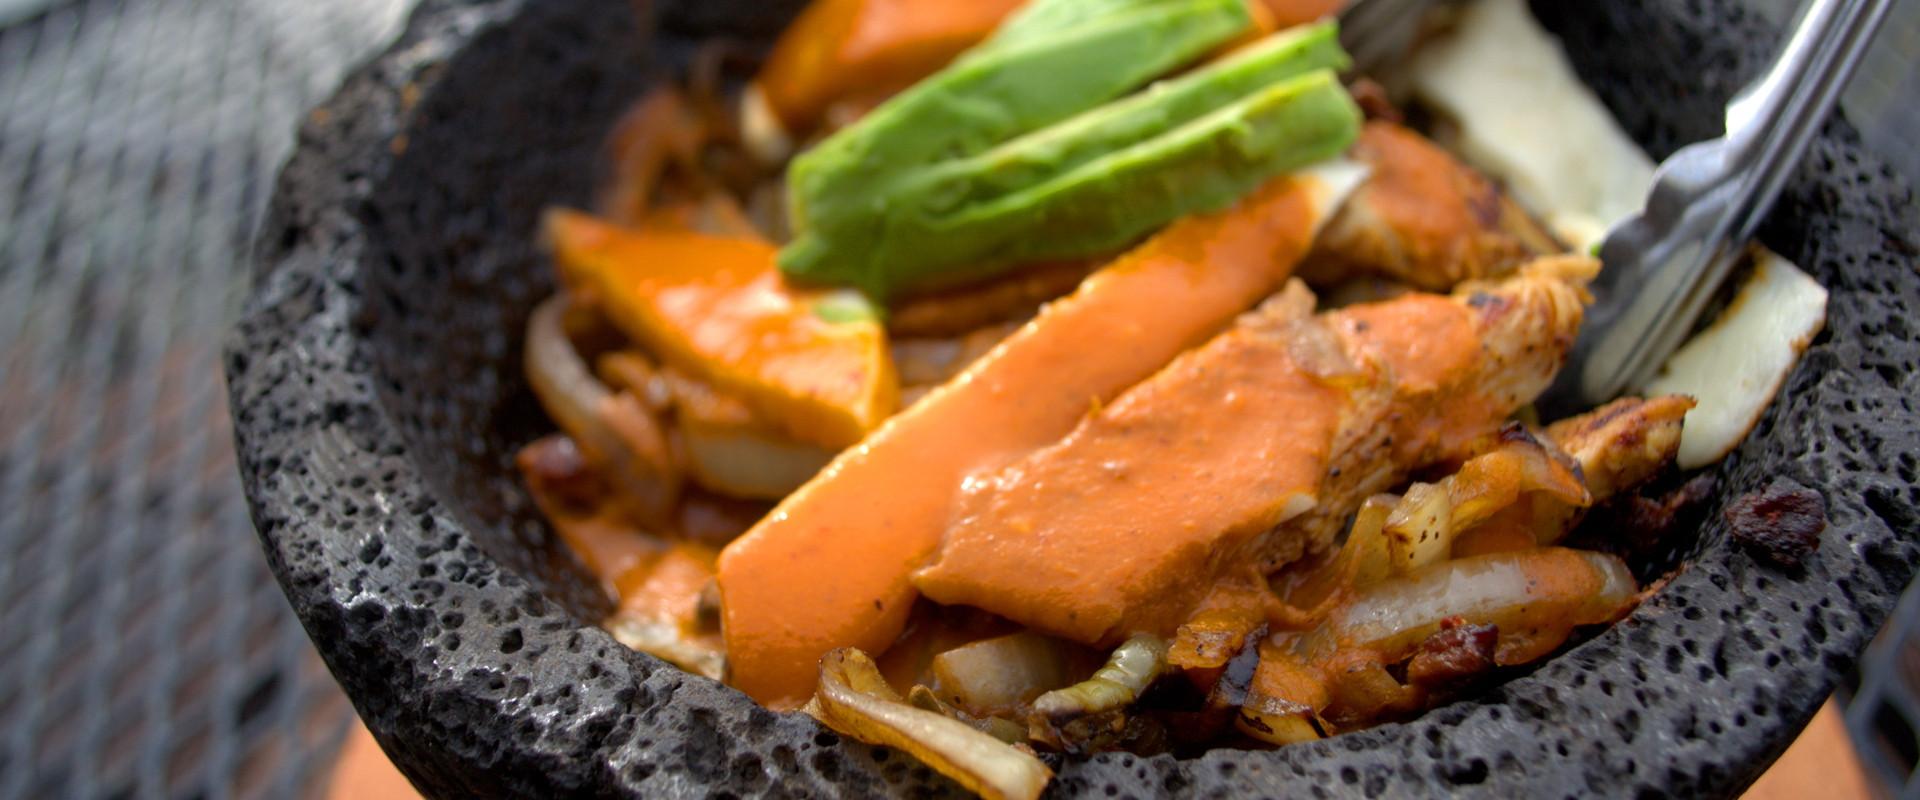 Las Margaritas O Fallon  Las Margaritas Mexican Restaurant Columbia MO